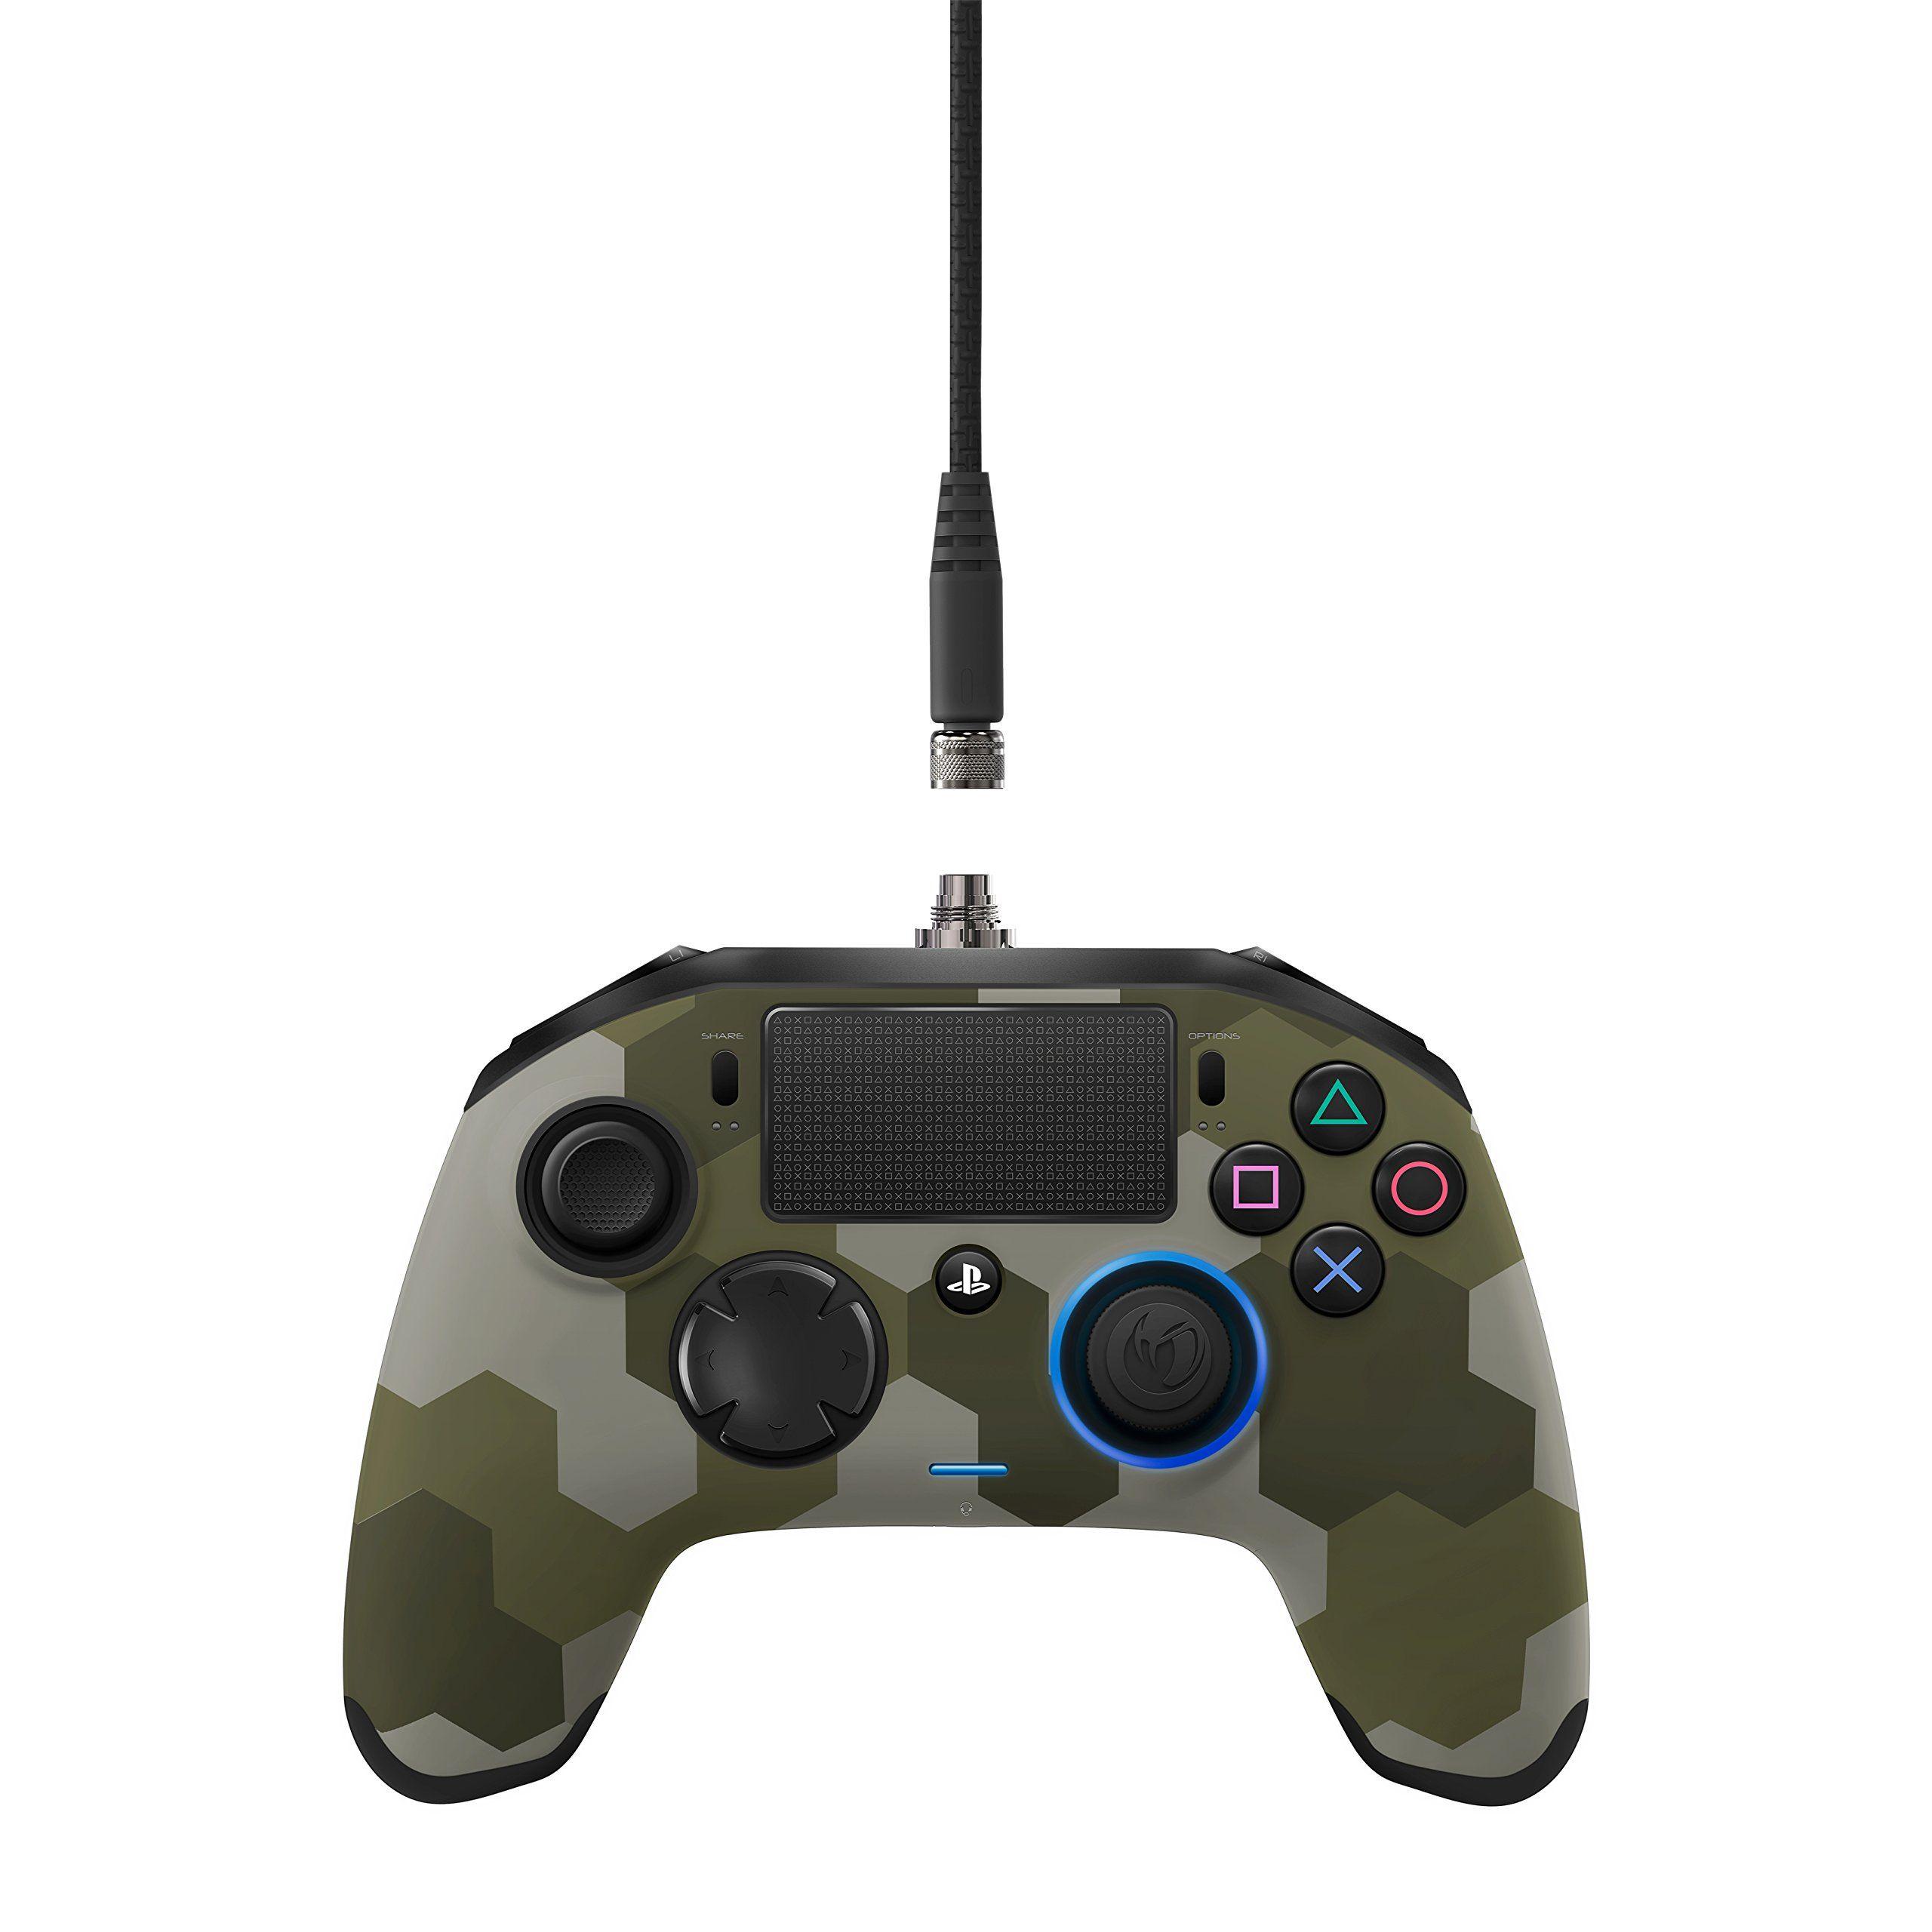 NACON Revolution PRO Controller Gamepad Camo Green Edition